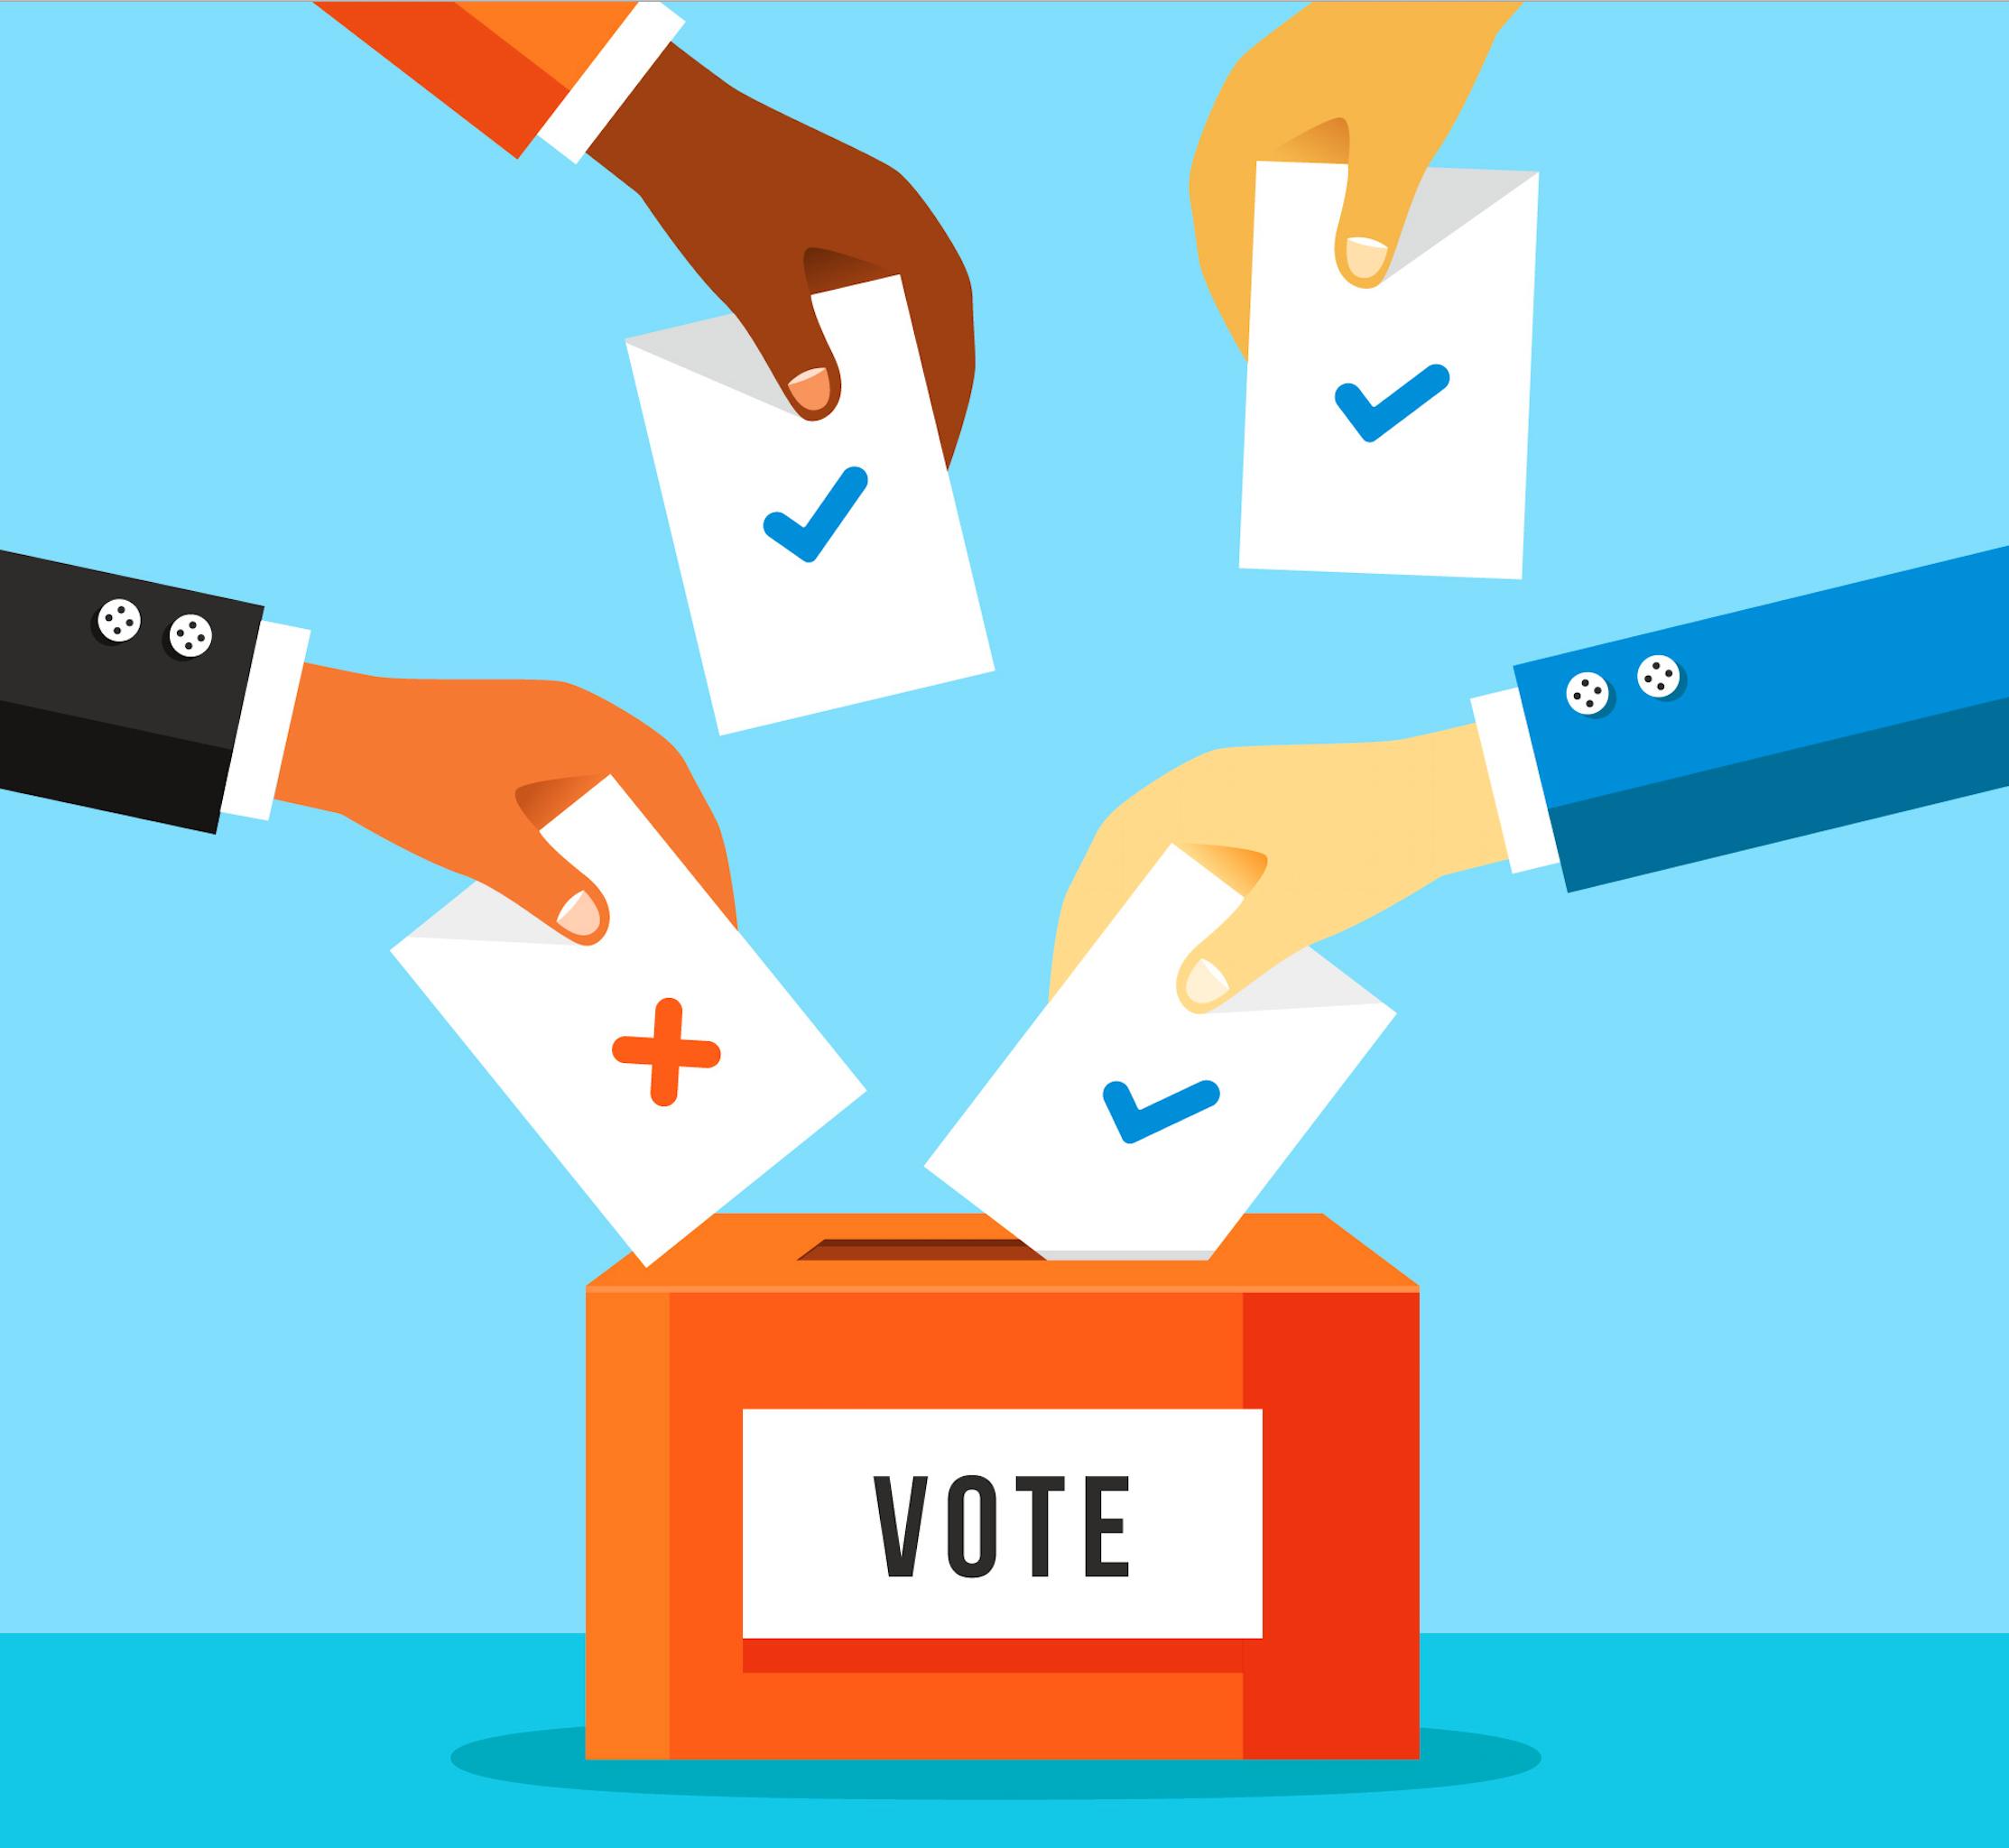 Apropar Els Ciutadans A La Política I A La Presa De Decisions Polítiques, Una Experiència En Marxa A Bèlgica